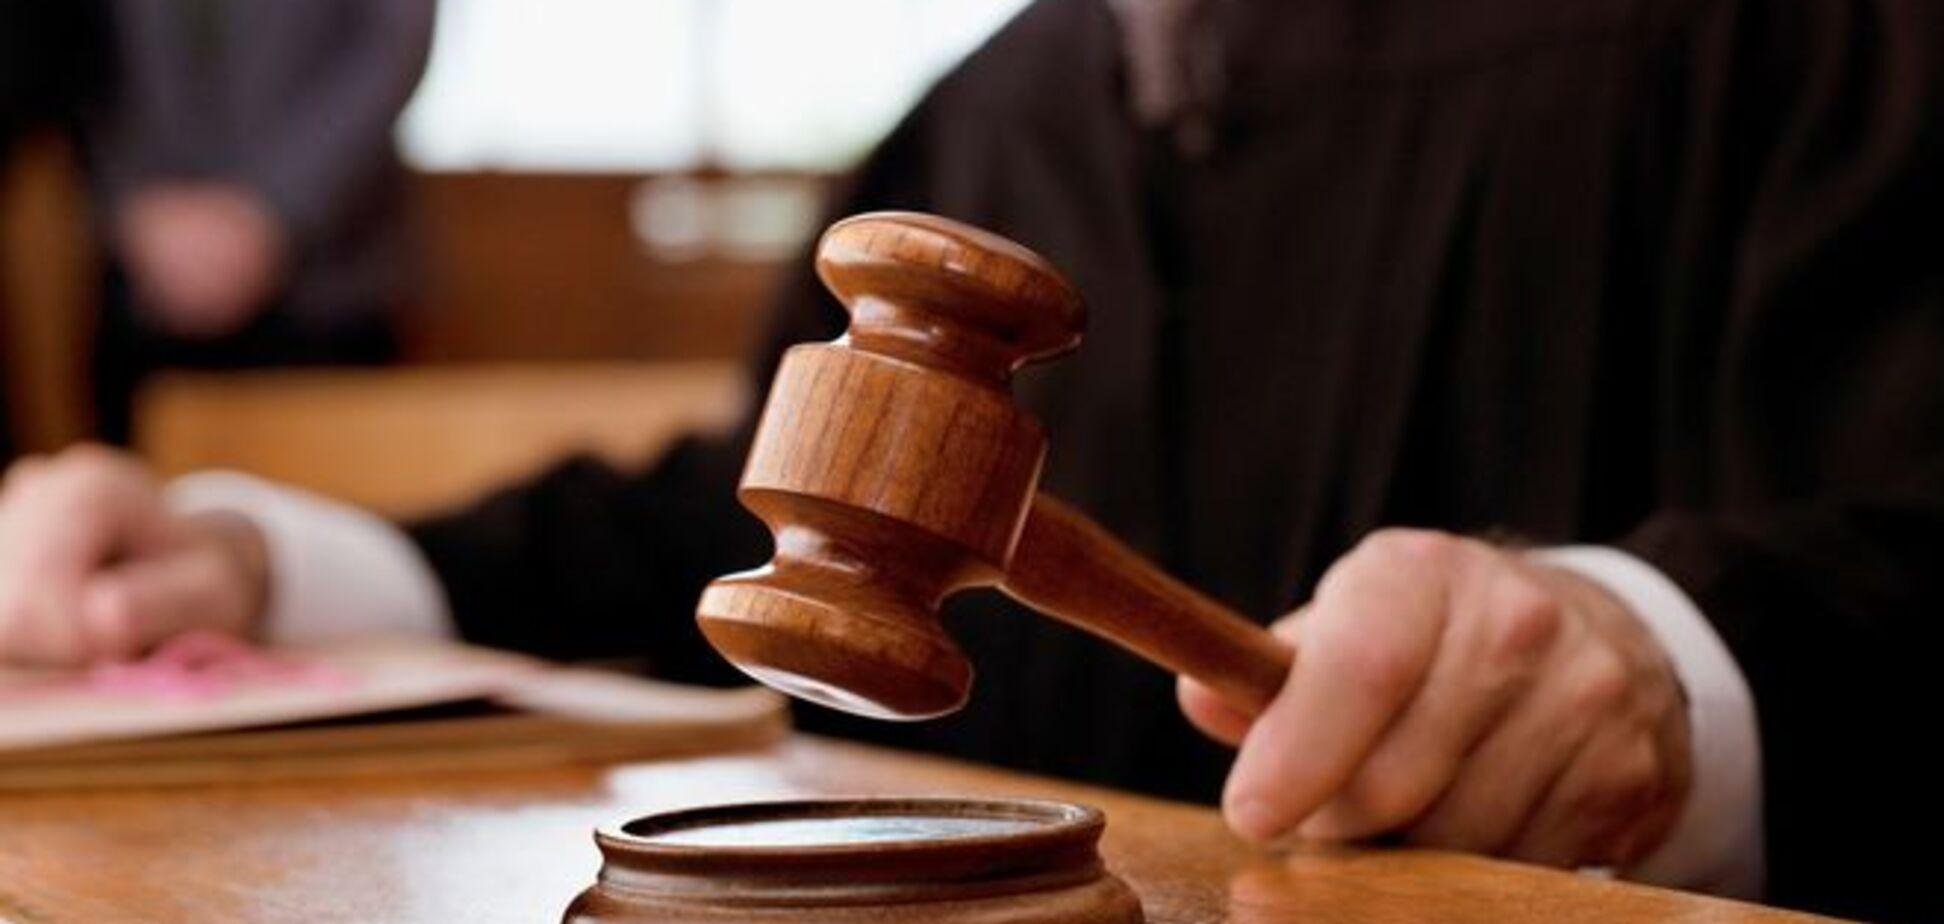 Юрист рассказал, на каких основаниях киевский судья мог отпустить 'вора в законе'